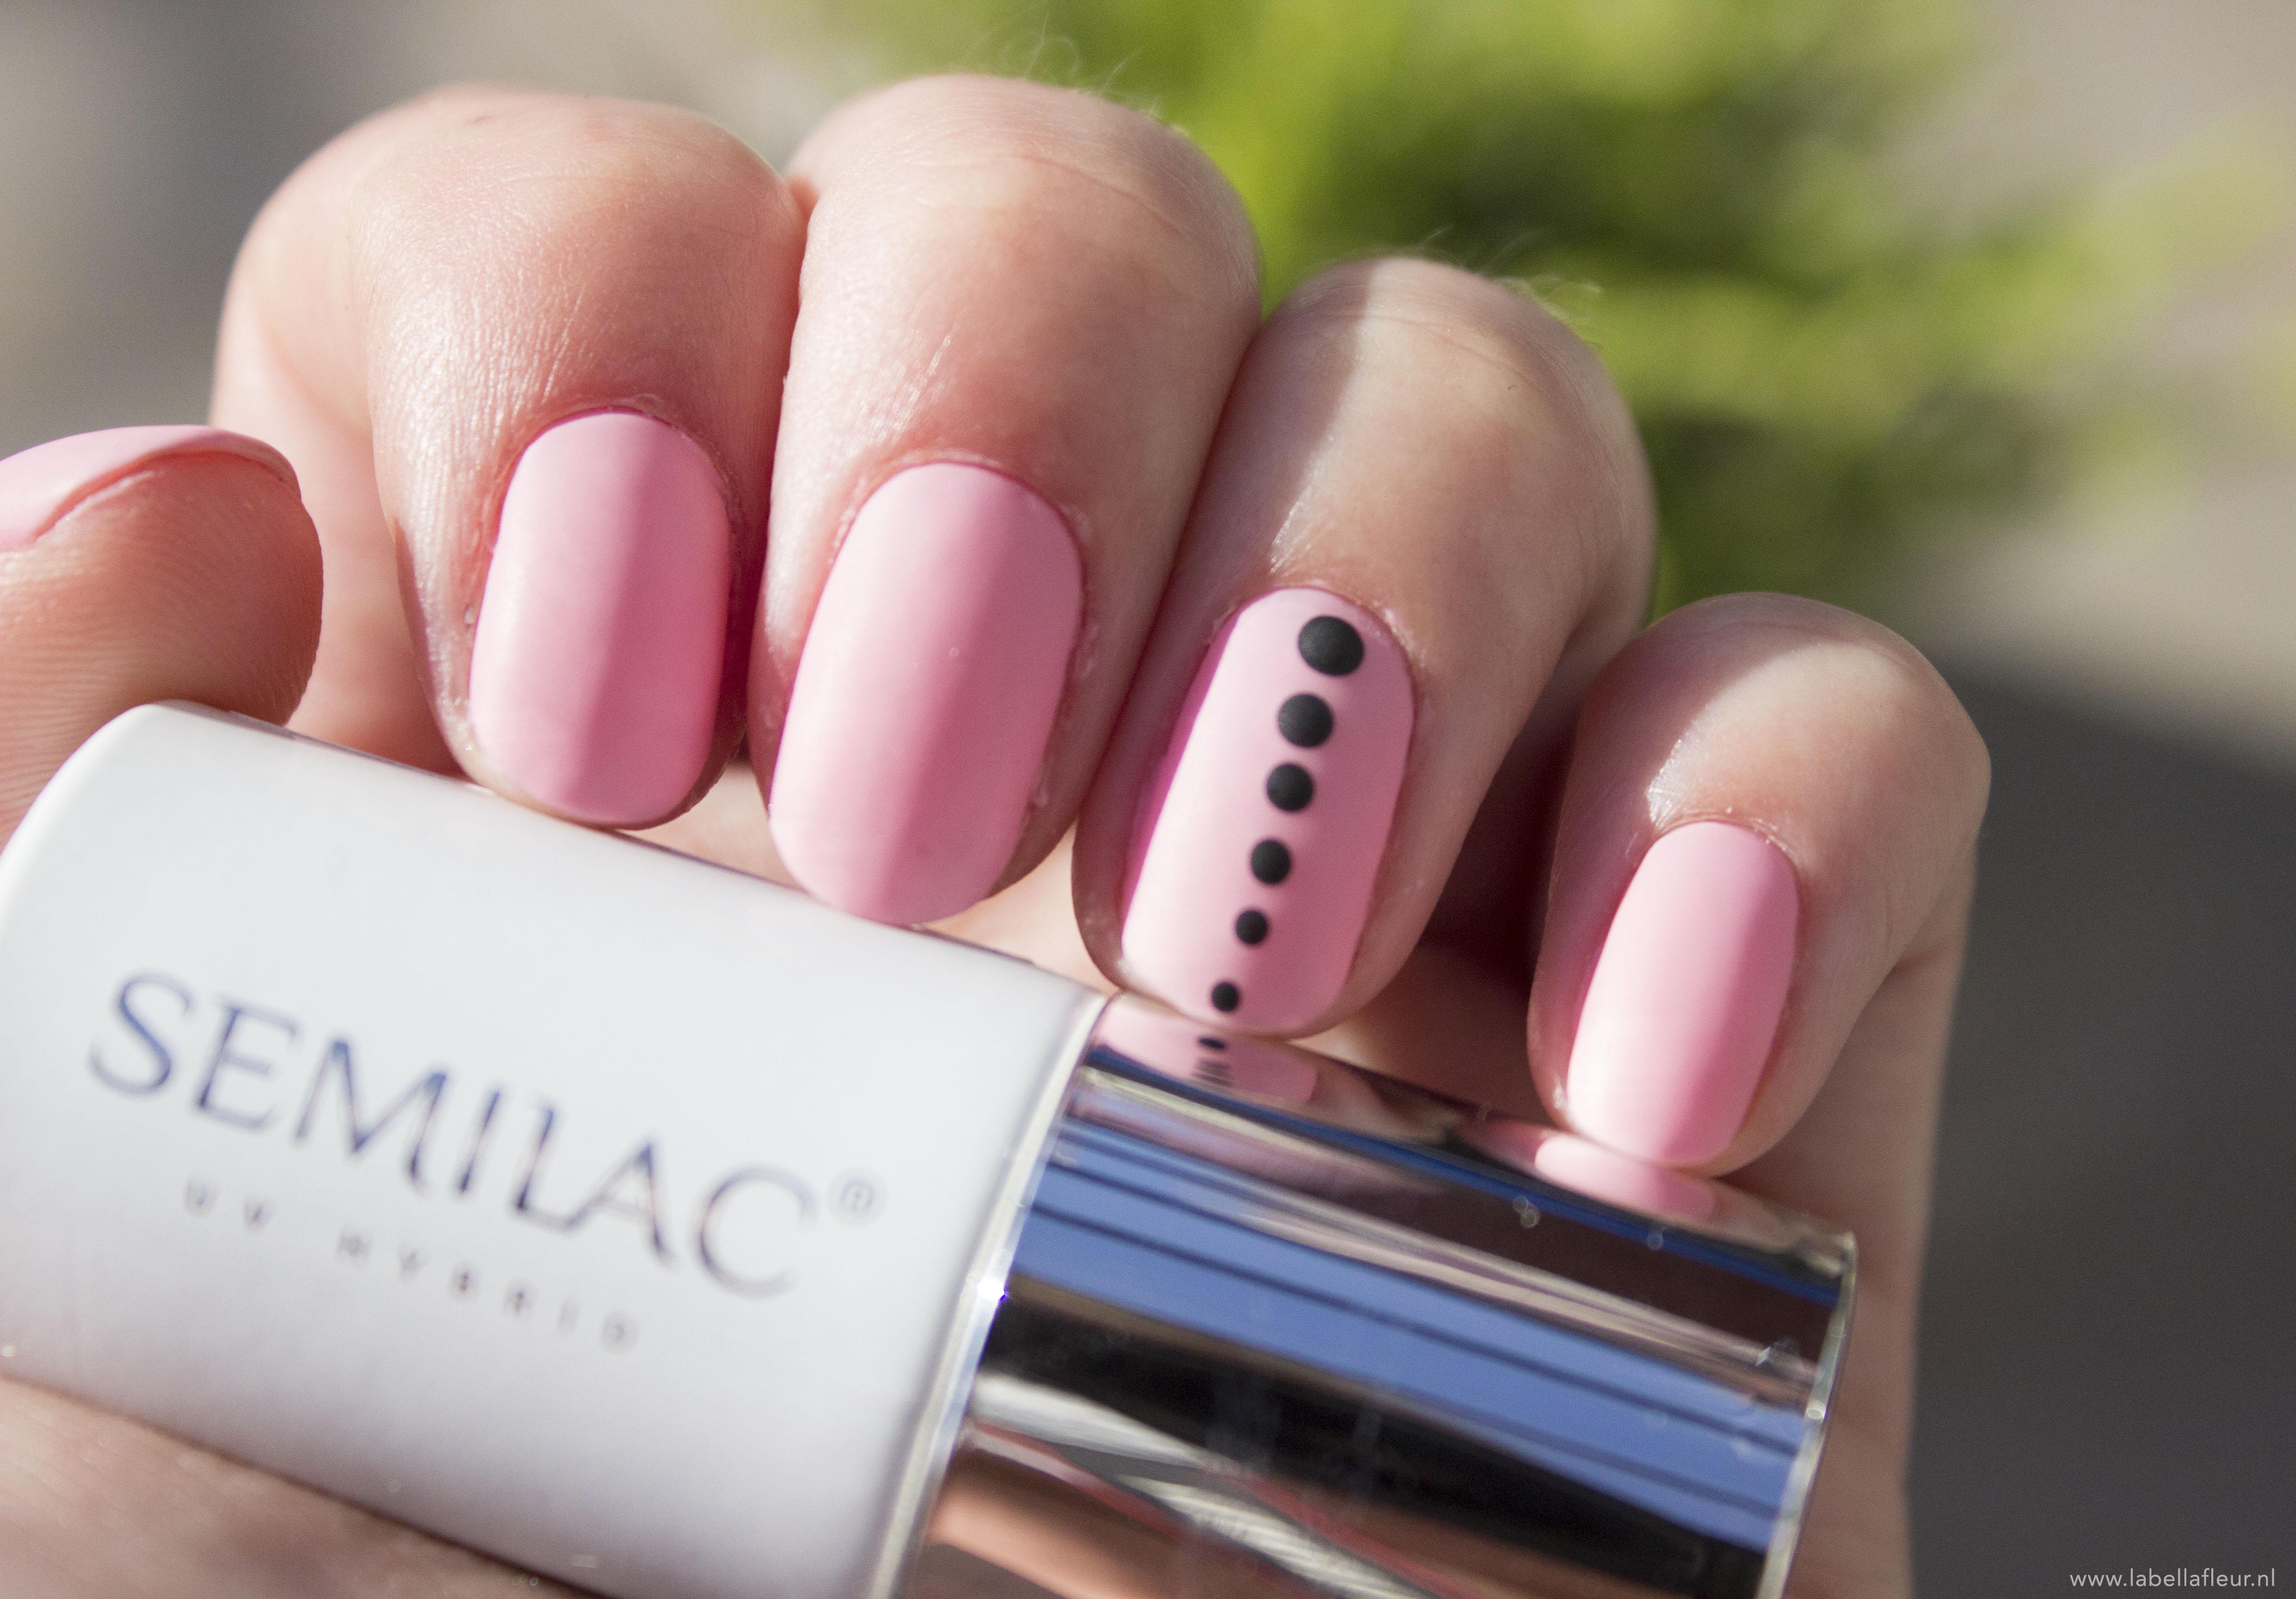 Nails, struggles, nagels lakken